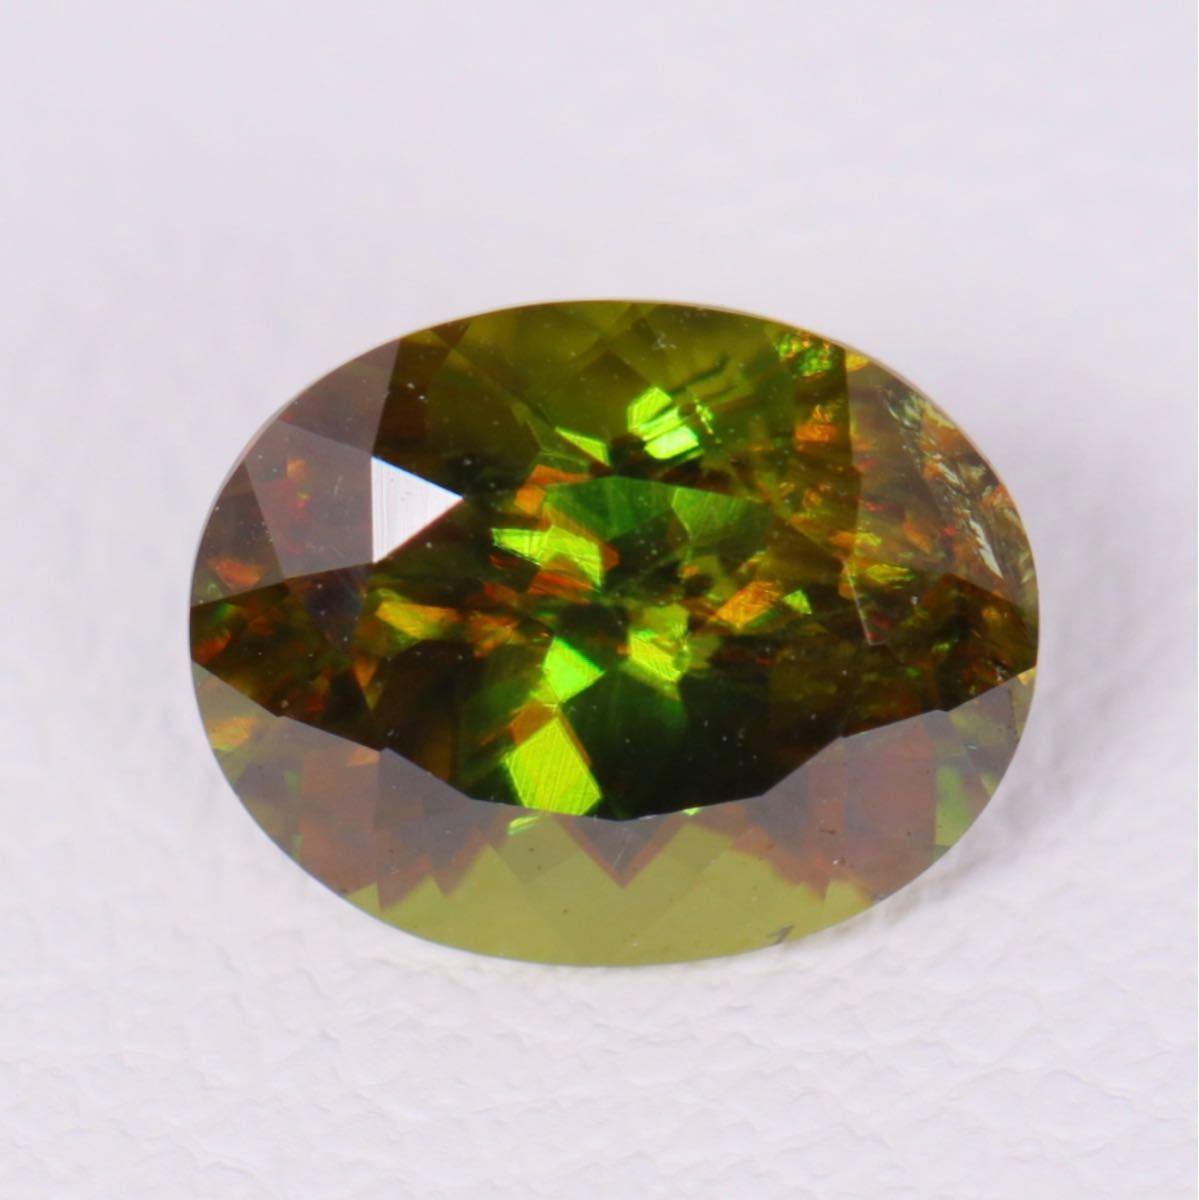 魅惑のマルチカラー『天然スフェーン』1.24ct アフガニスタン産 ルース 宝石 コレクター必見